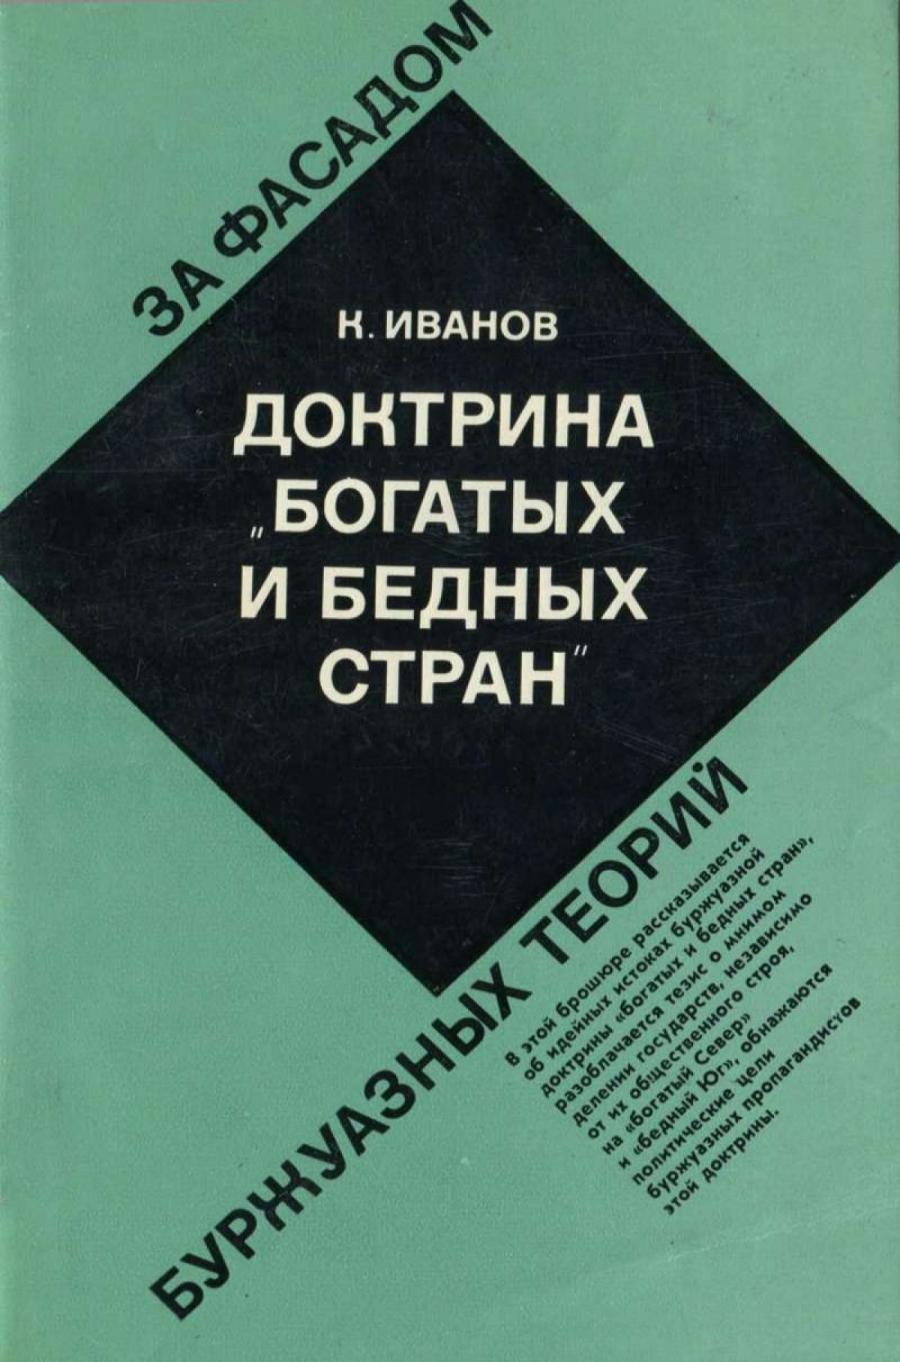 Обложка книги:  иванов камиль всеволодович - доктрина «богатых и бедных стран»